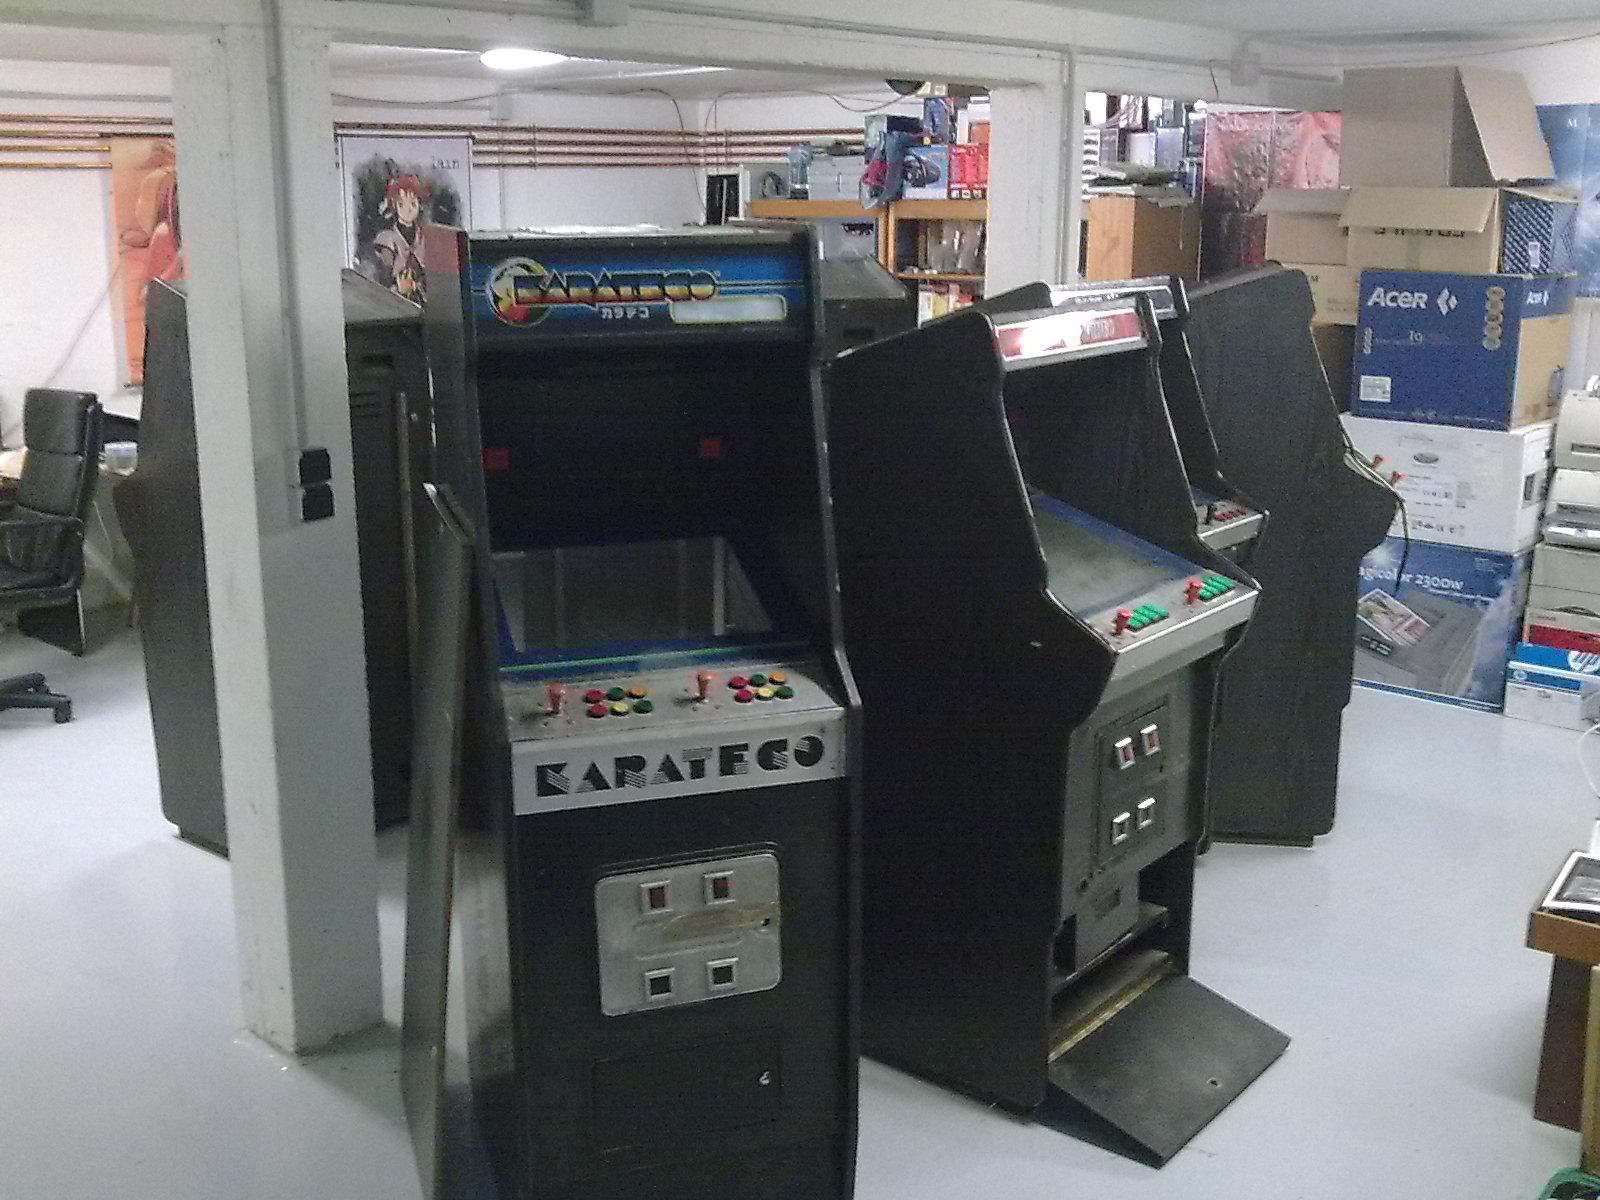 borne arcade karateco